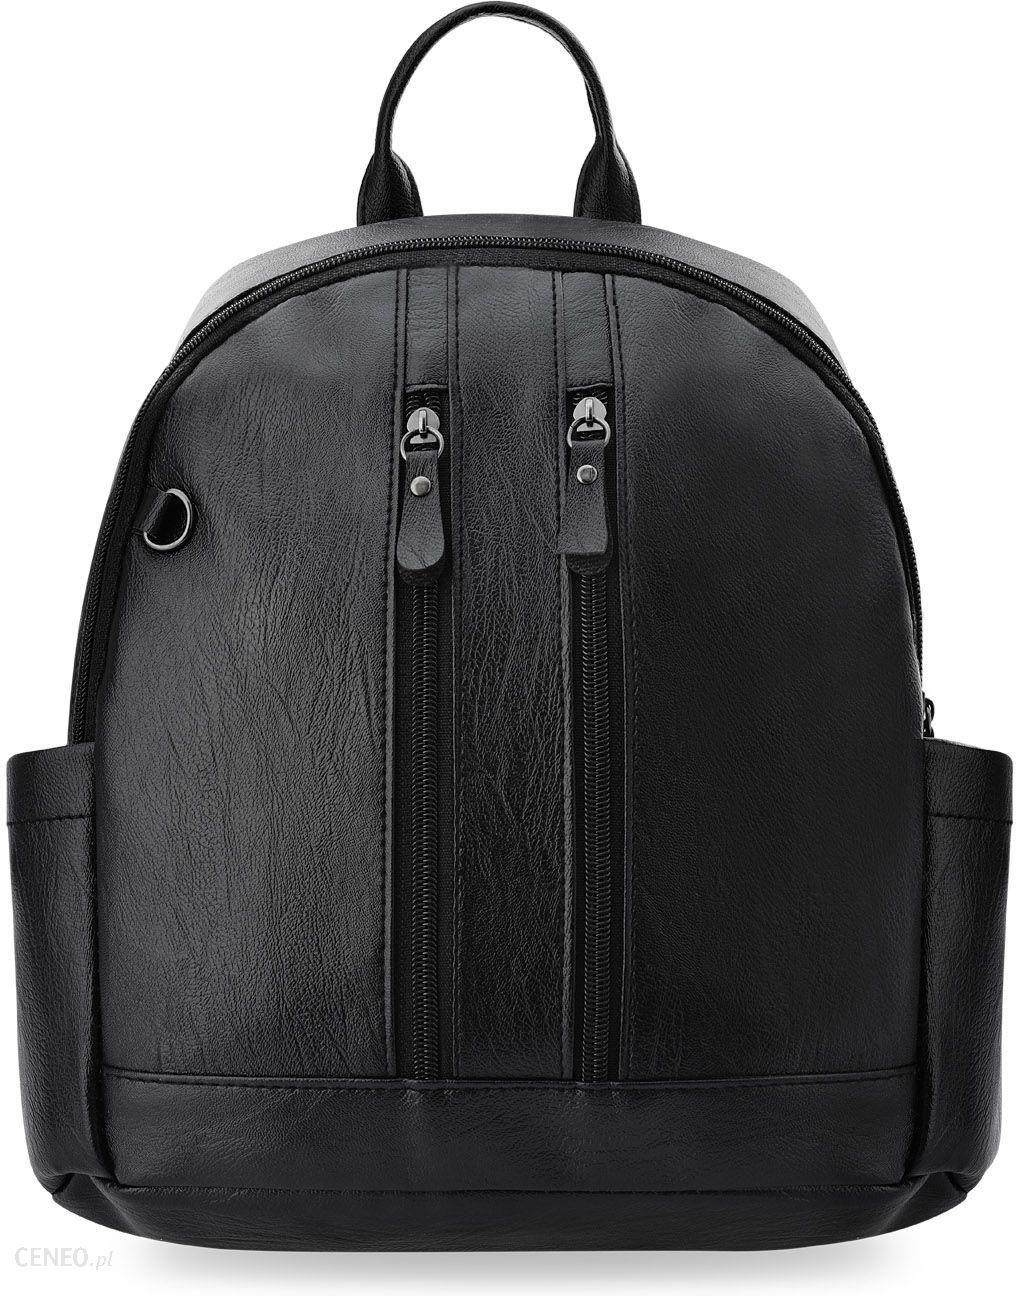 88412d129b17d Klasyczny miejski plecak mały plecaczek damski z kieszonkami - czarny -  zdjęcie 1